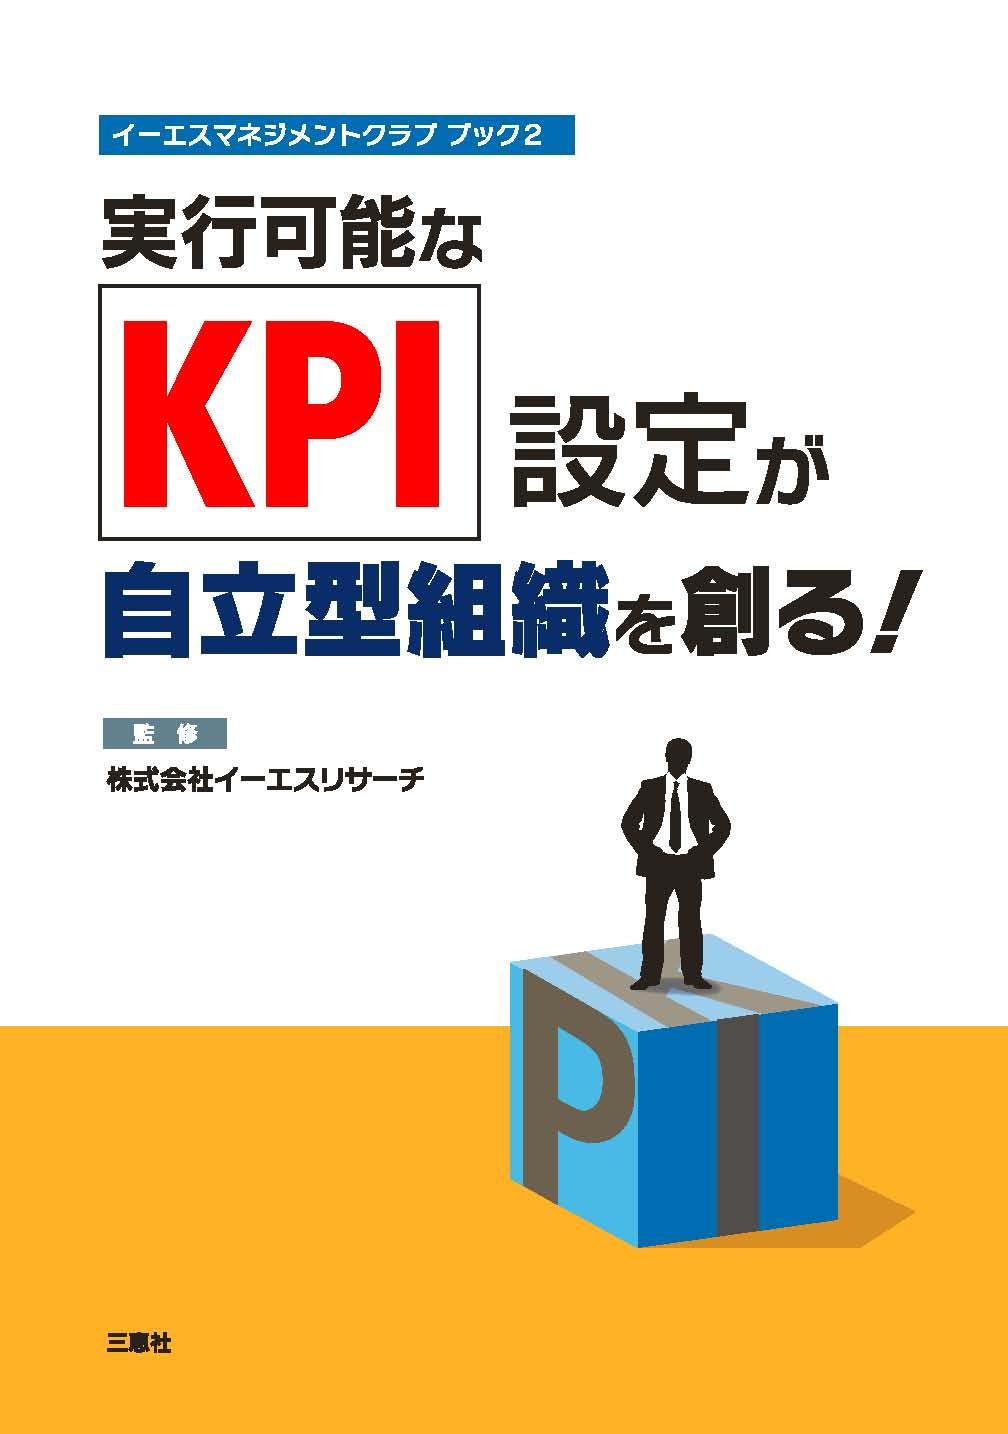 実行可能なKPI設定が自立型組織を創る!